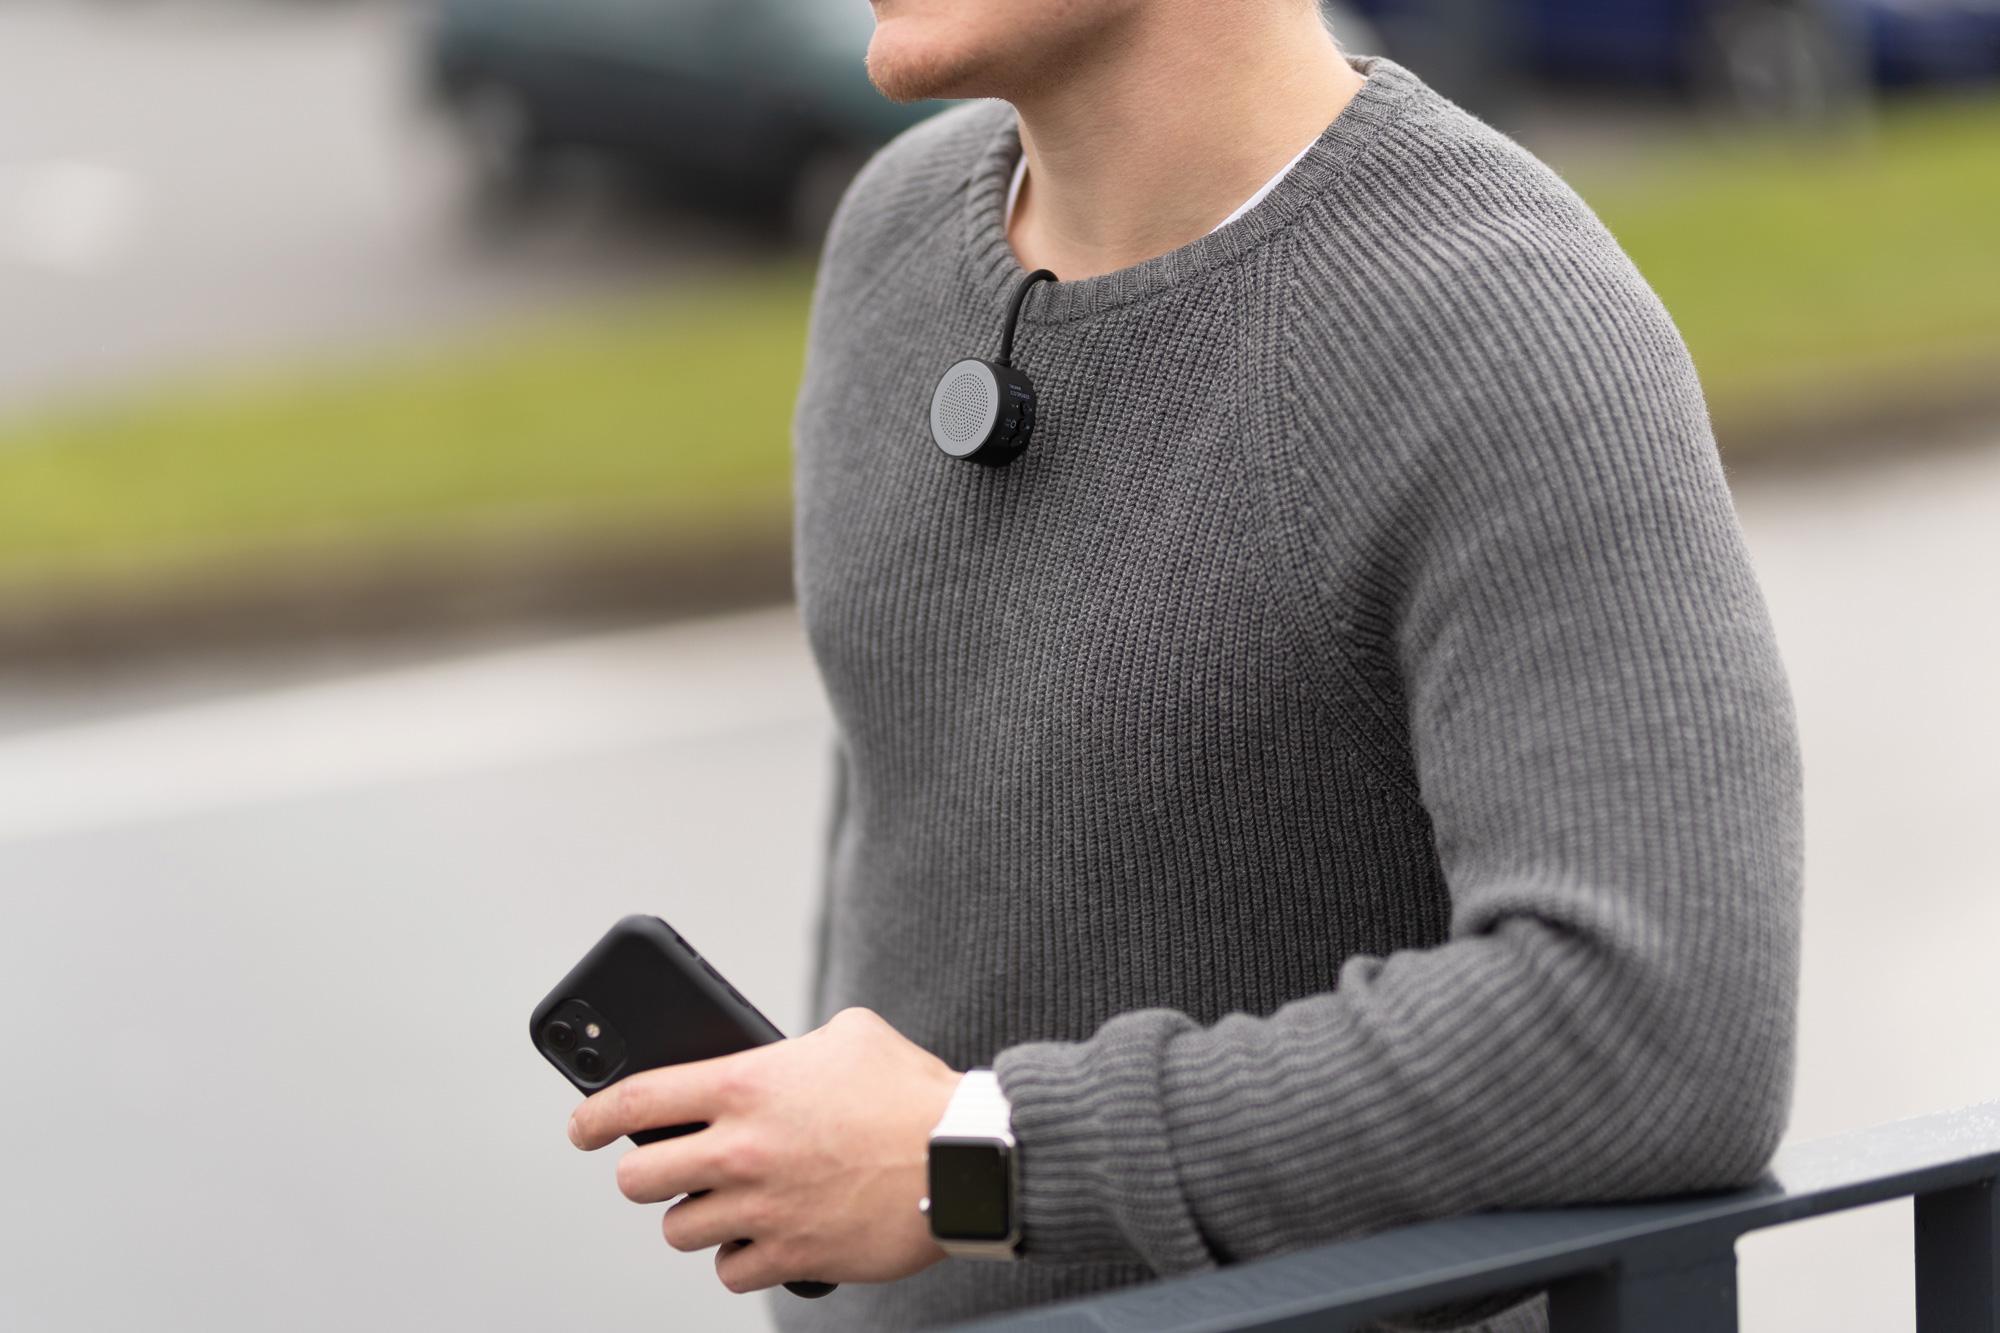 Wir stellen vor: das neue Video zum Bluetooth Lautsprecher TROIKA ECO SPEAKER. Praktisch für unterwegs, im Auto und beim Sport.